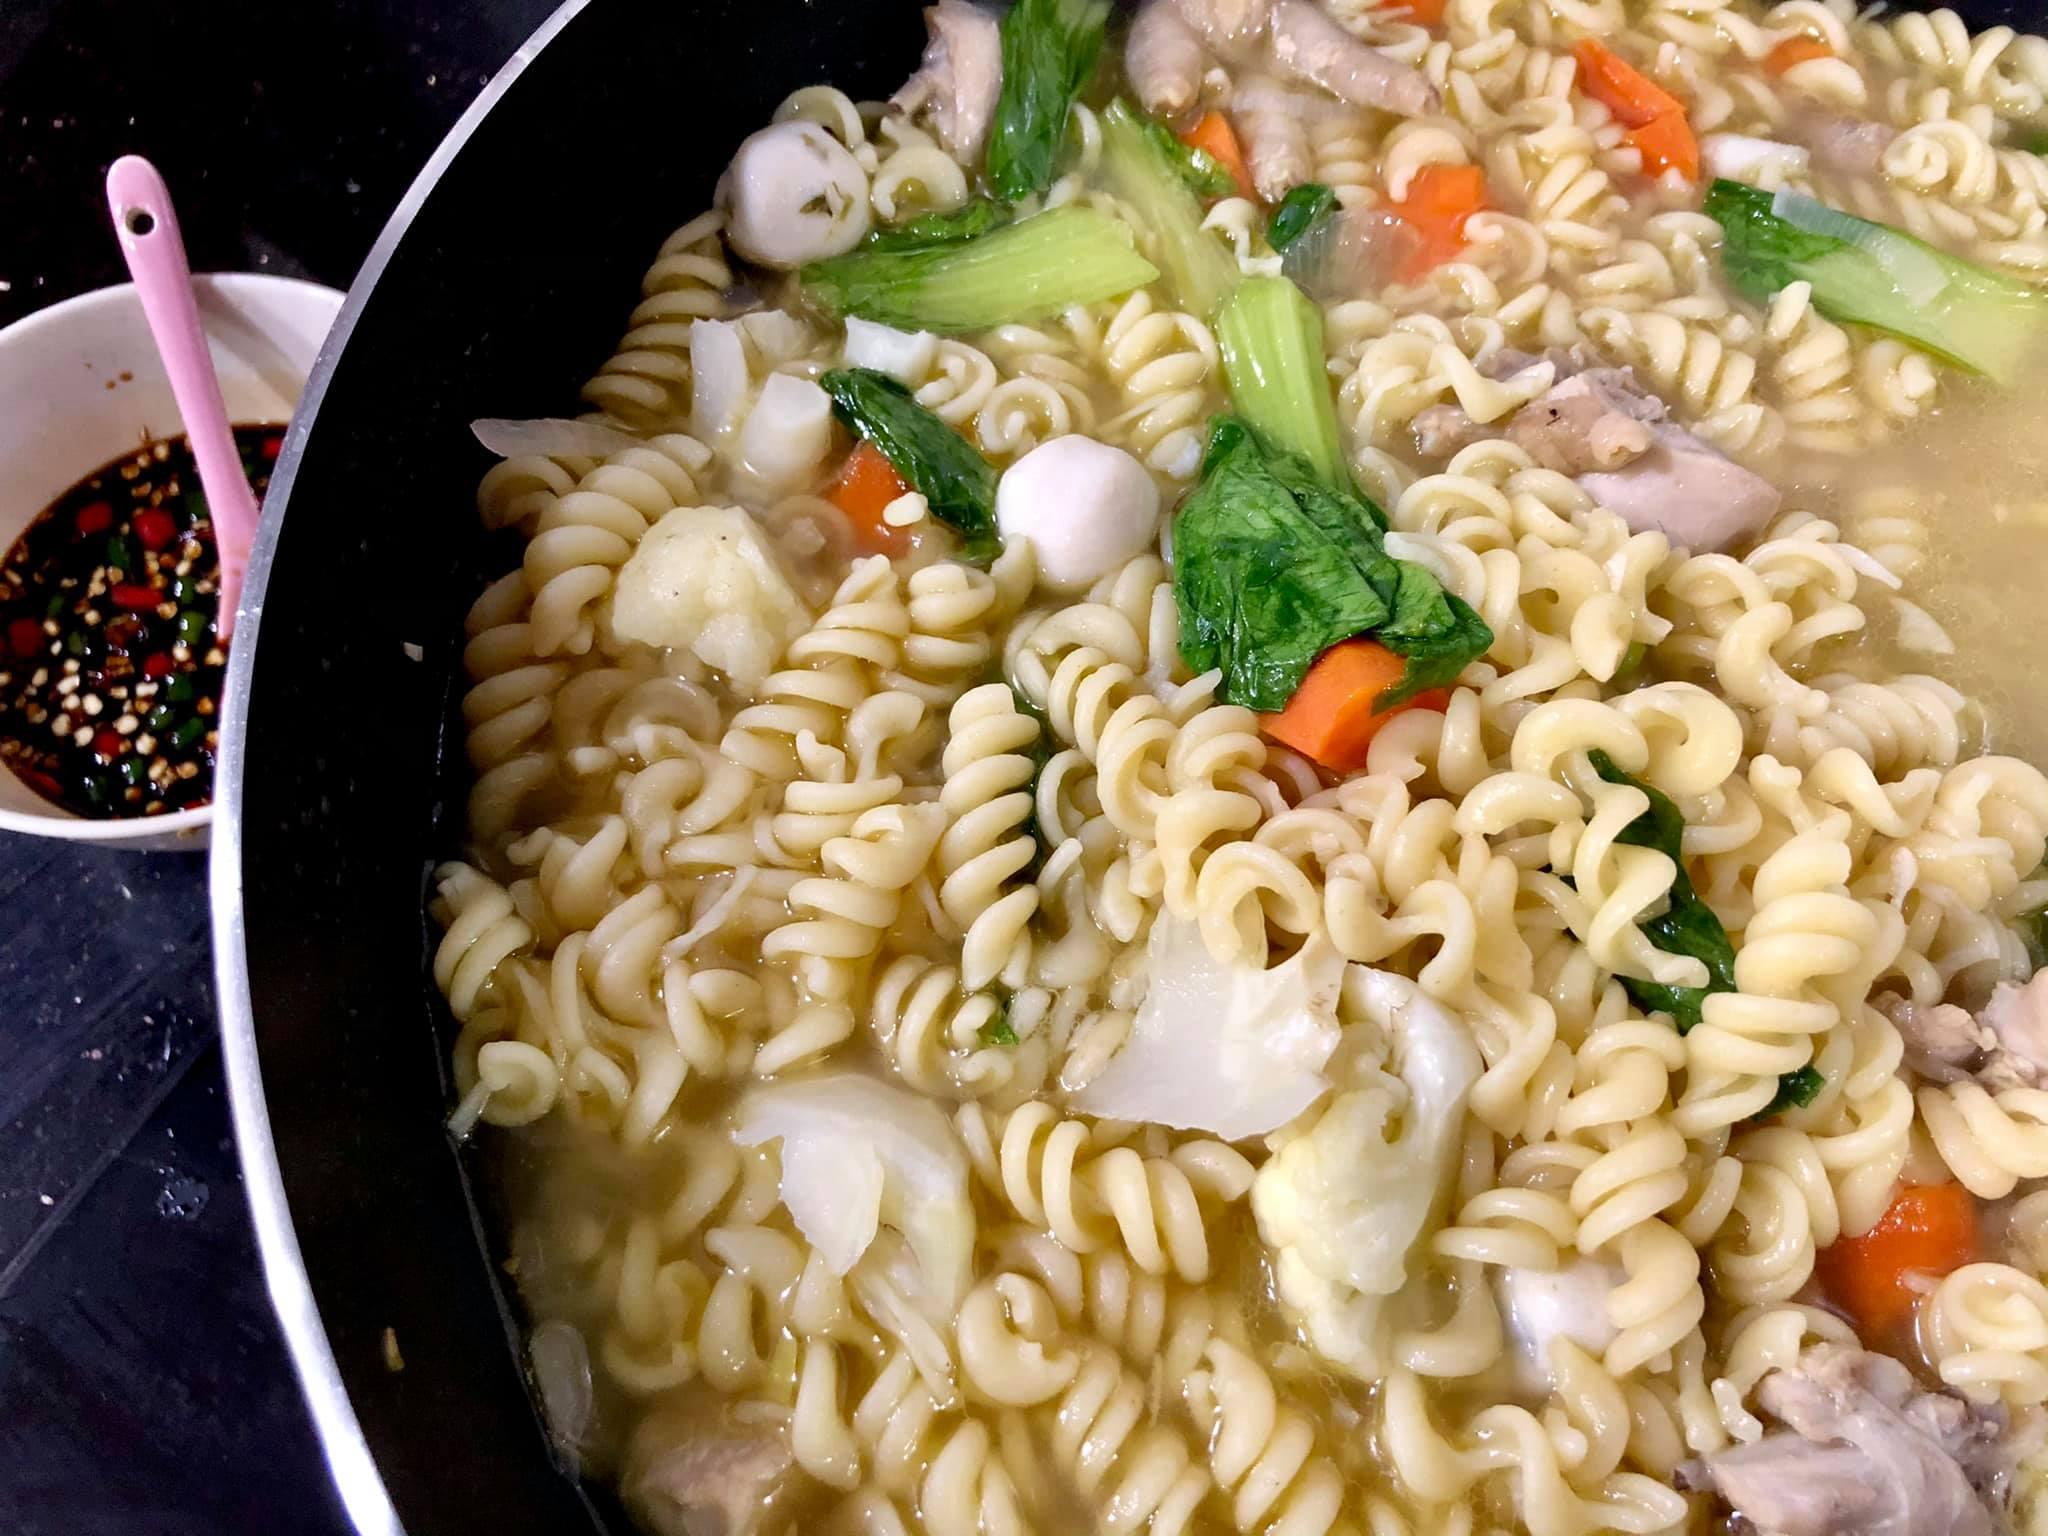 Resepi Macaroni Sup (Fusili) Yang Sedap Dan Mudah Nak Masaknya